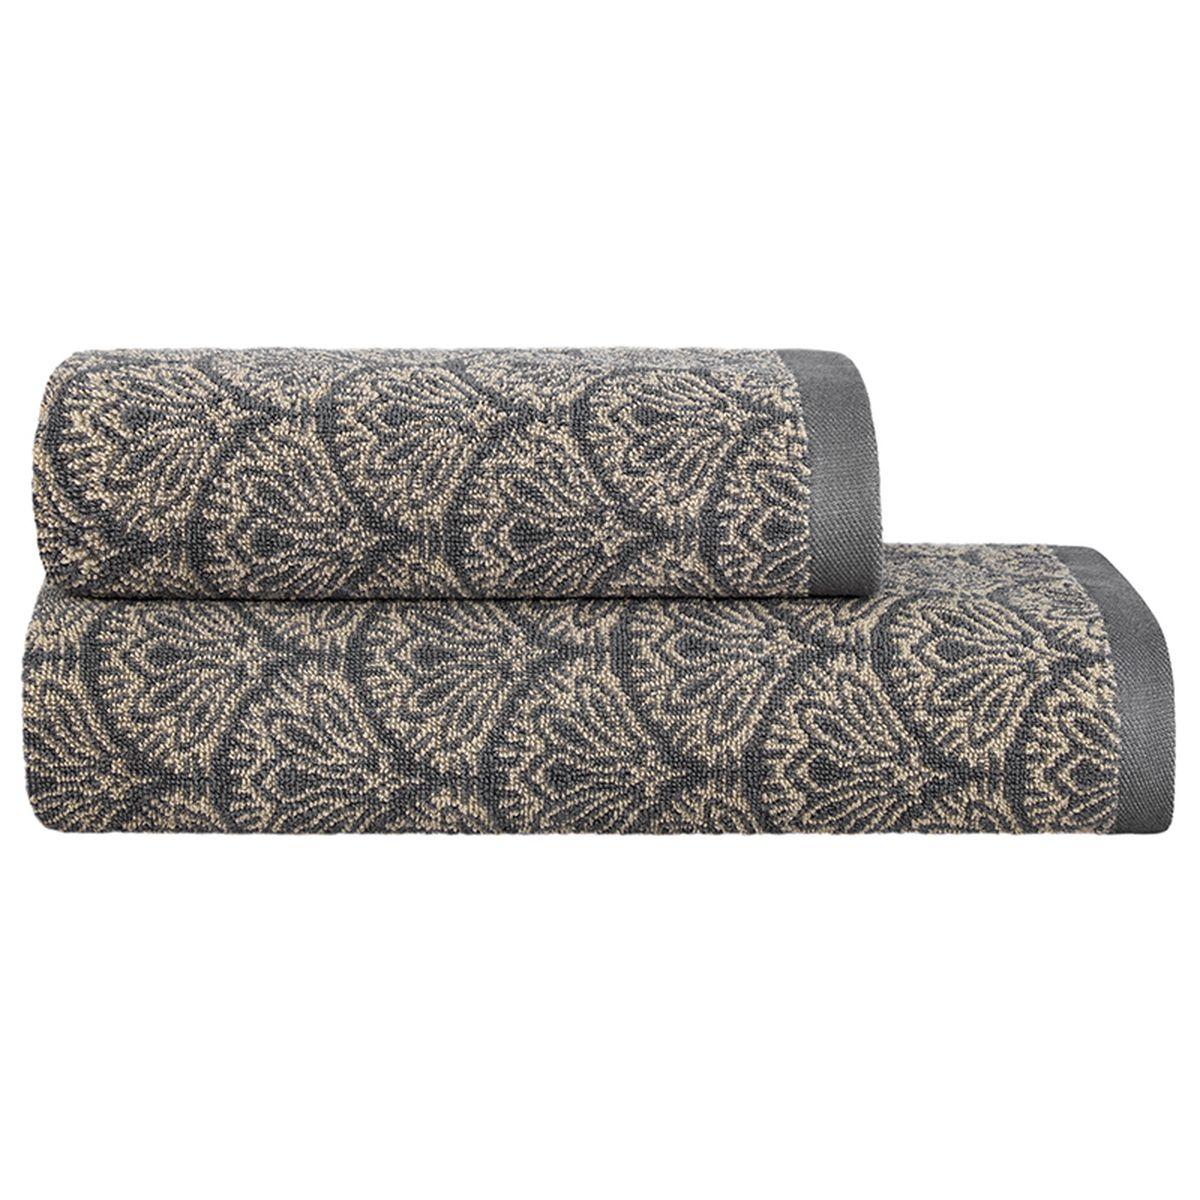 Набор полотенец Togas Арт-деко, 2 шт10.00.00.0607Набор Togas Арт-деко, выполненный из 60% хлопка и 40% модела, невероятно гармоничносочетает в себе лучшие качества современного махрового текстиля. Набор полотенец идеальнозаботится о вашей коже, особенно после душа, когда вы расслаблены и особо уязвимы.Деликатный дизайн полотенец Togas «Арт-деко» - воплощение изысканной простоты, где напервый план выходит качество материала. Невероятно мягкое волокно модал, превосходящее посвоим свойствам даже хлопок, позволяет улучшить впитывающие качества полотенца и делаетего удивительно мягким. Модал - это 100% натуральное, экологически чистое целлюлозноеволокно. Оно производится без применения каких-либо химических примесей, поэтому абсолютногипоаллергенно. Набор полотенец Togas Арт-деко, обладающий идеальными качествами, будет поднимать вамнастроение. Размер полотенца: 50 х 100 см; 70 х 140 см.